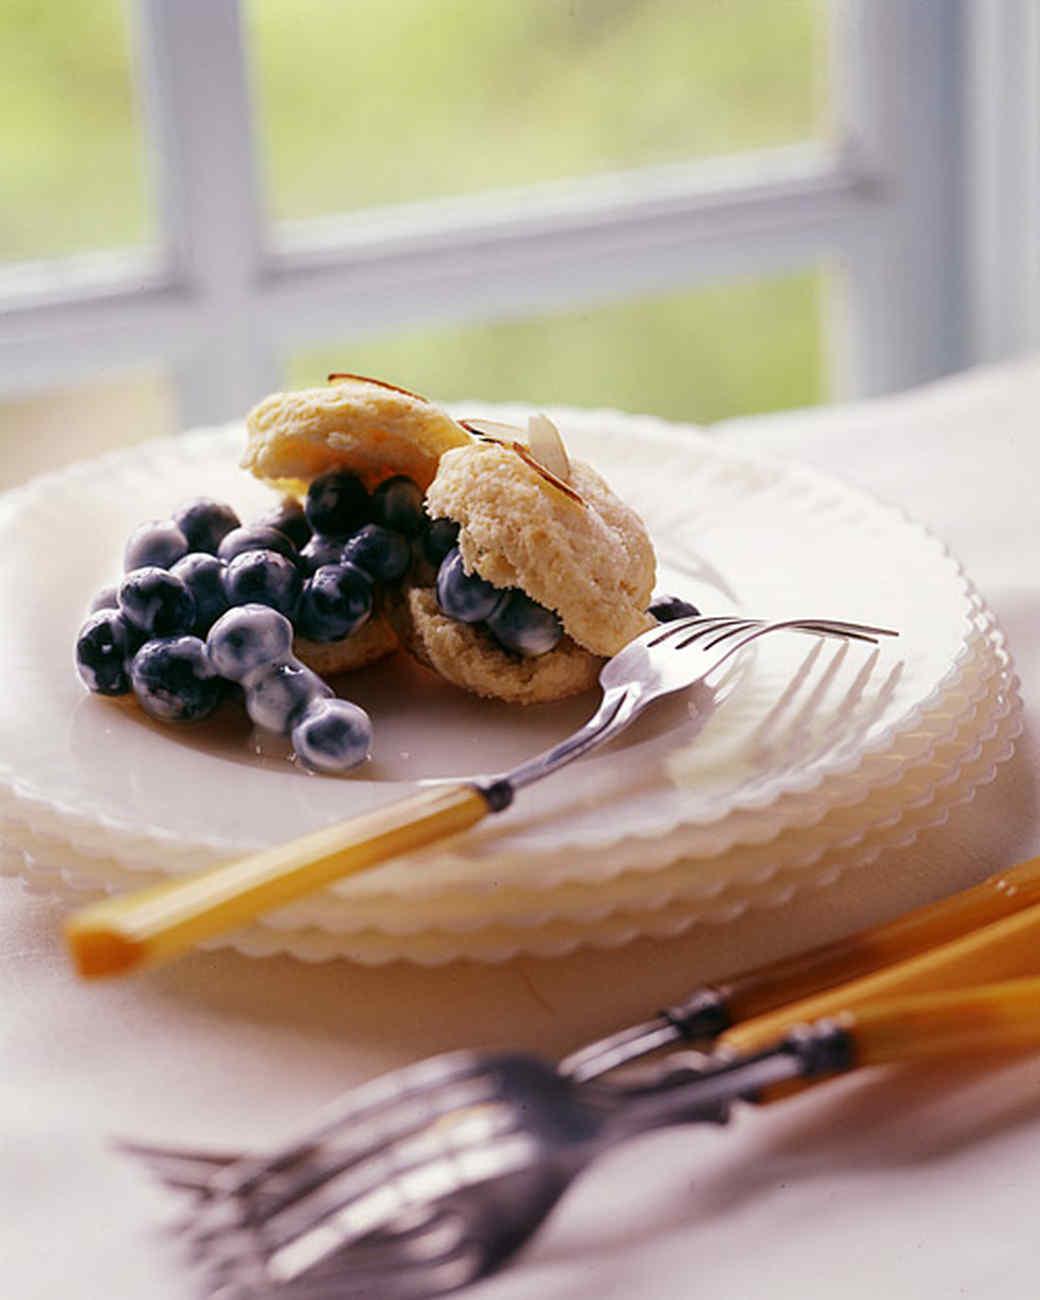 a97120_hqcb_blueberry.jpg